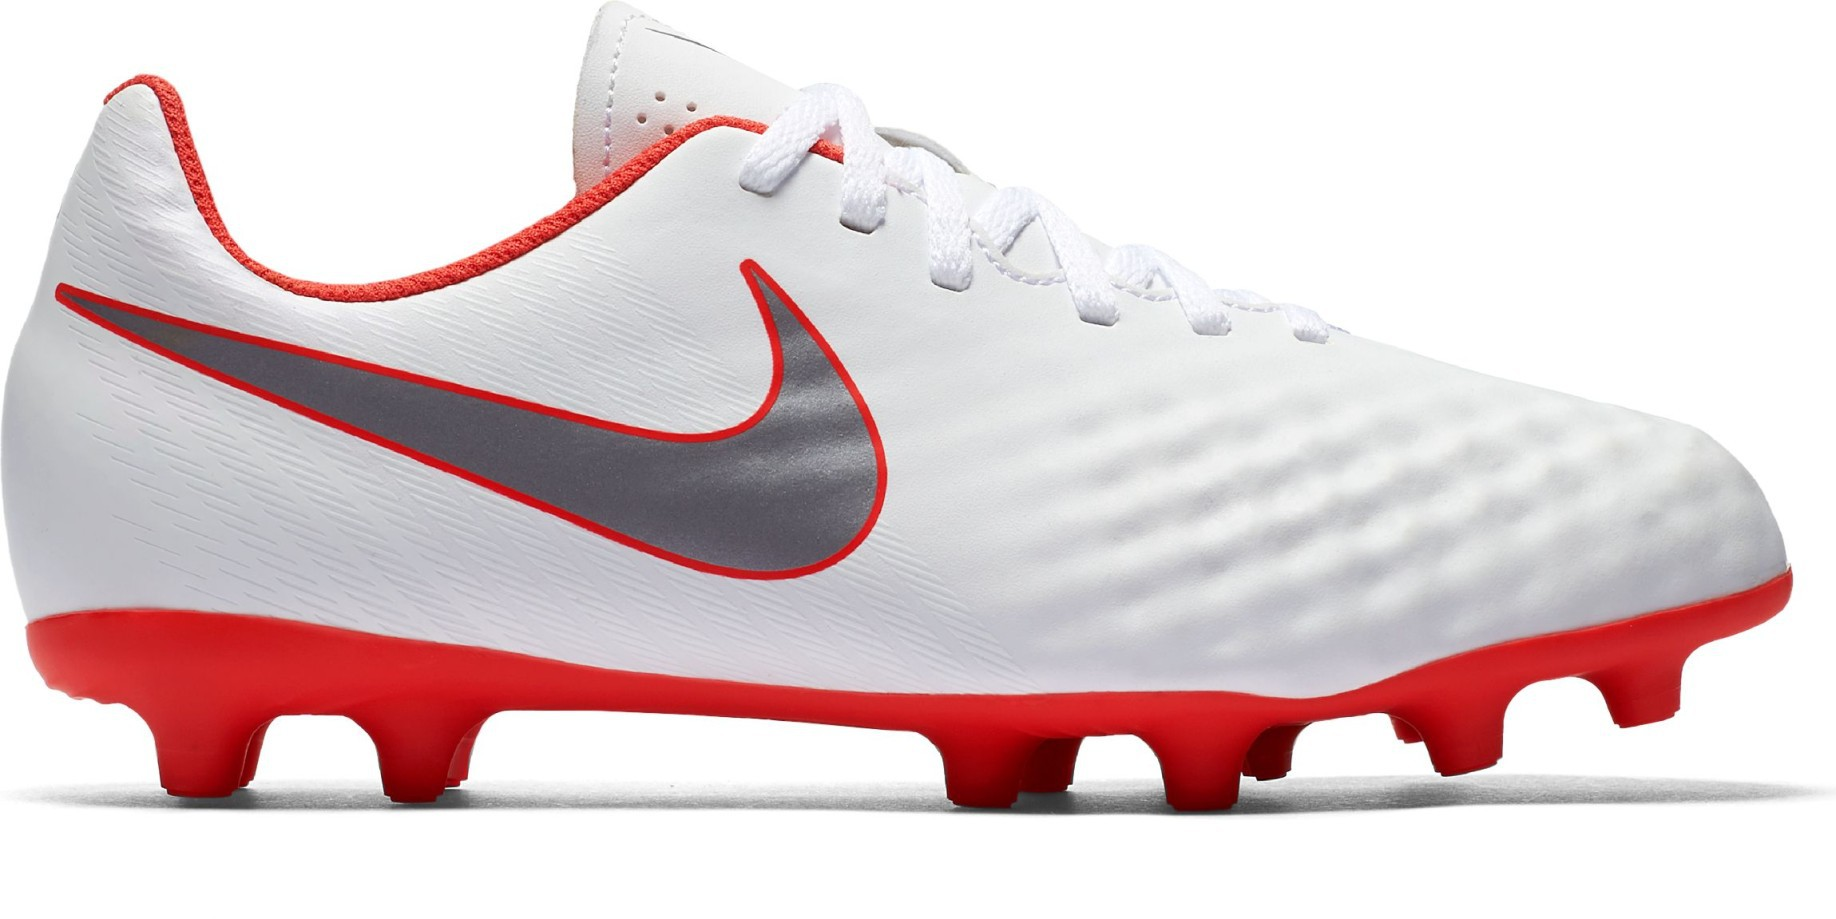 nike football boots magista obra